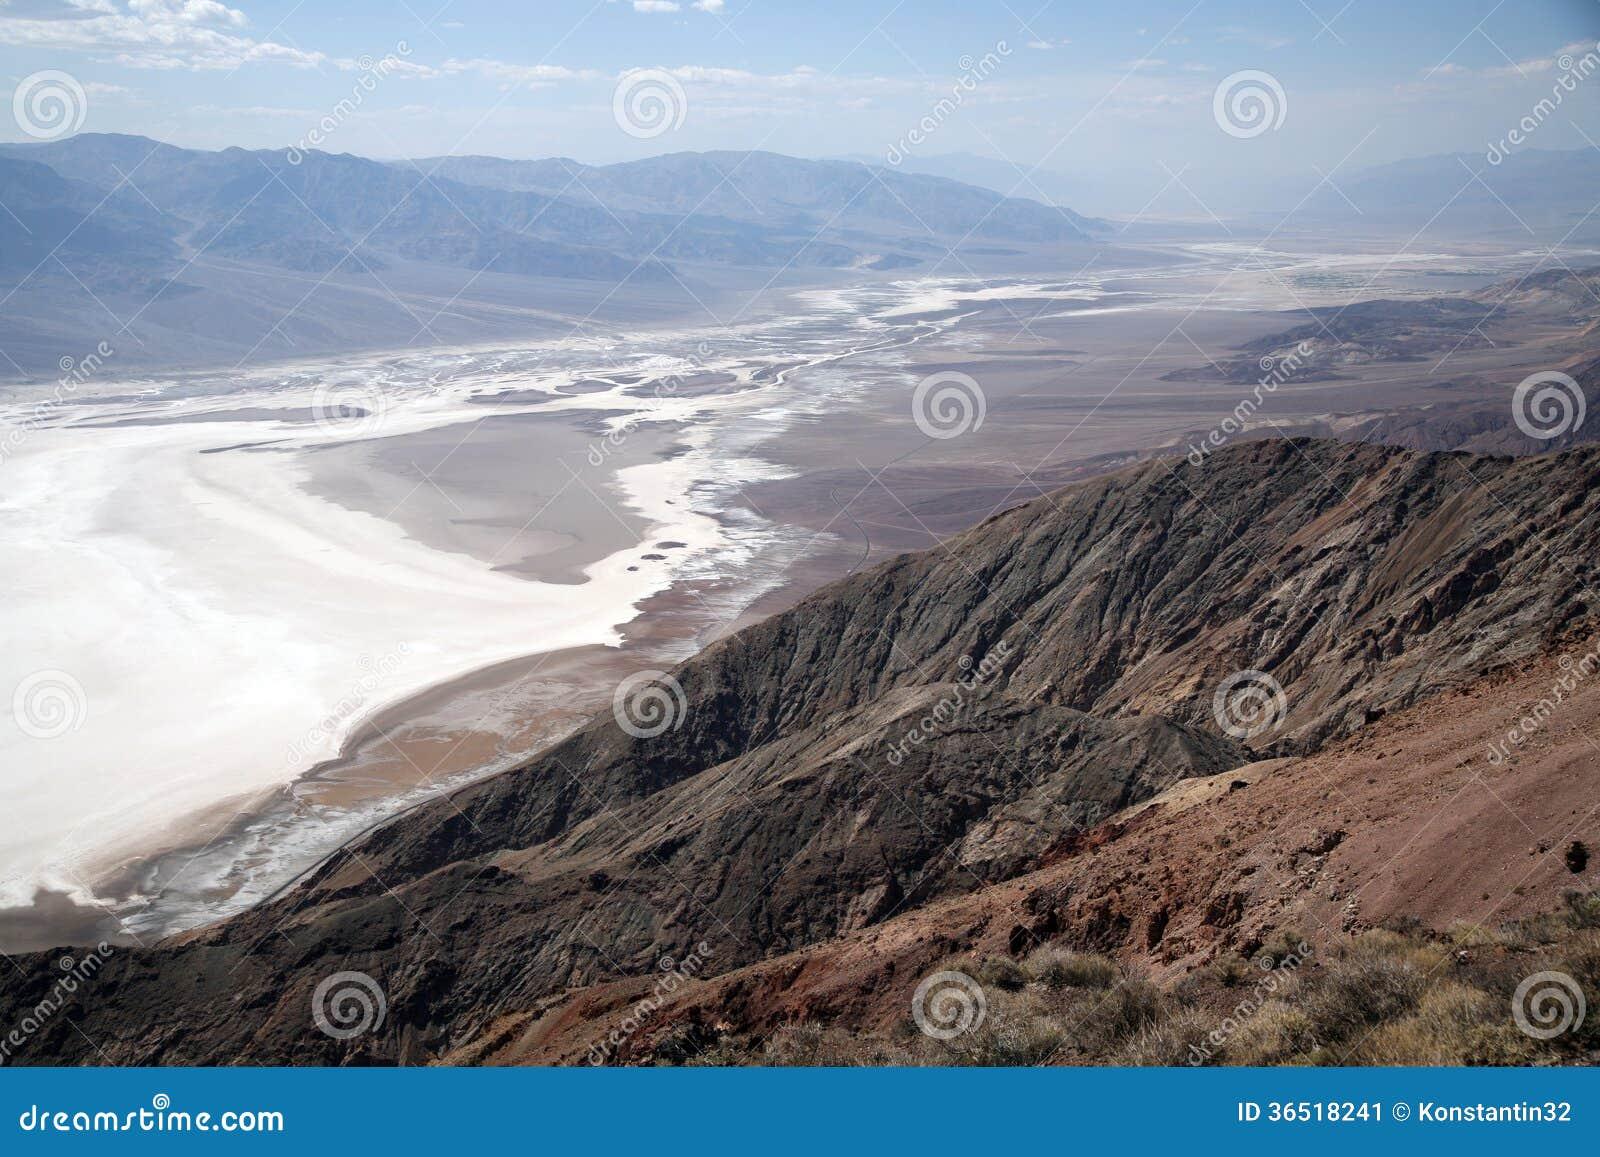 Parc national de Death Valley, la Californie, Etats-Unis